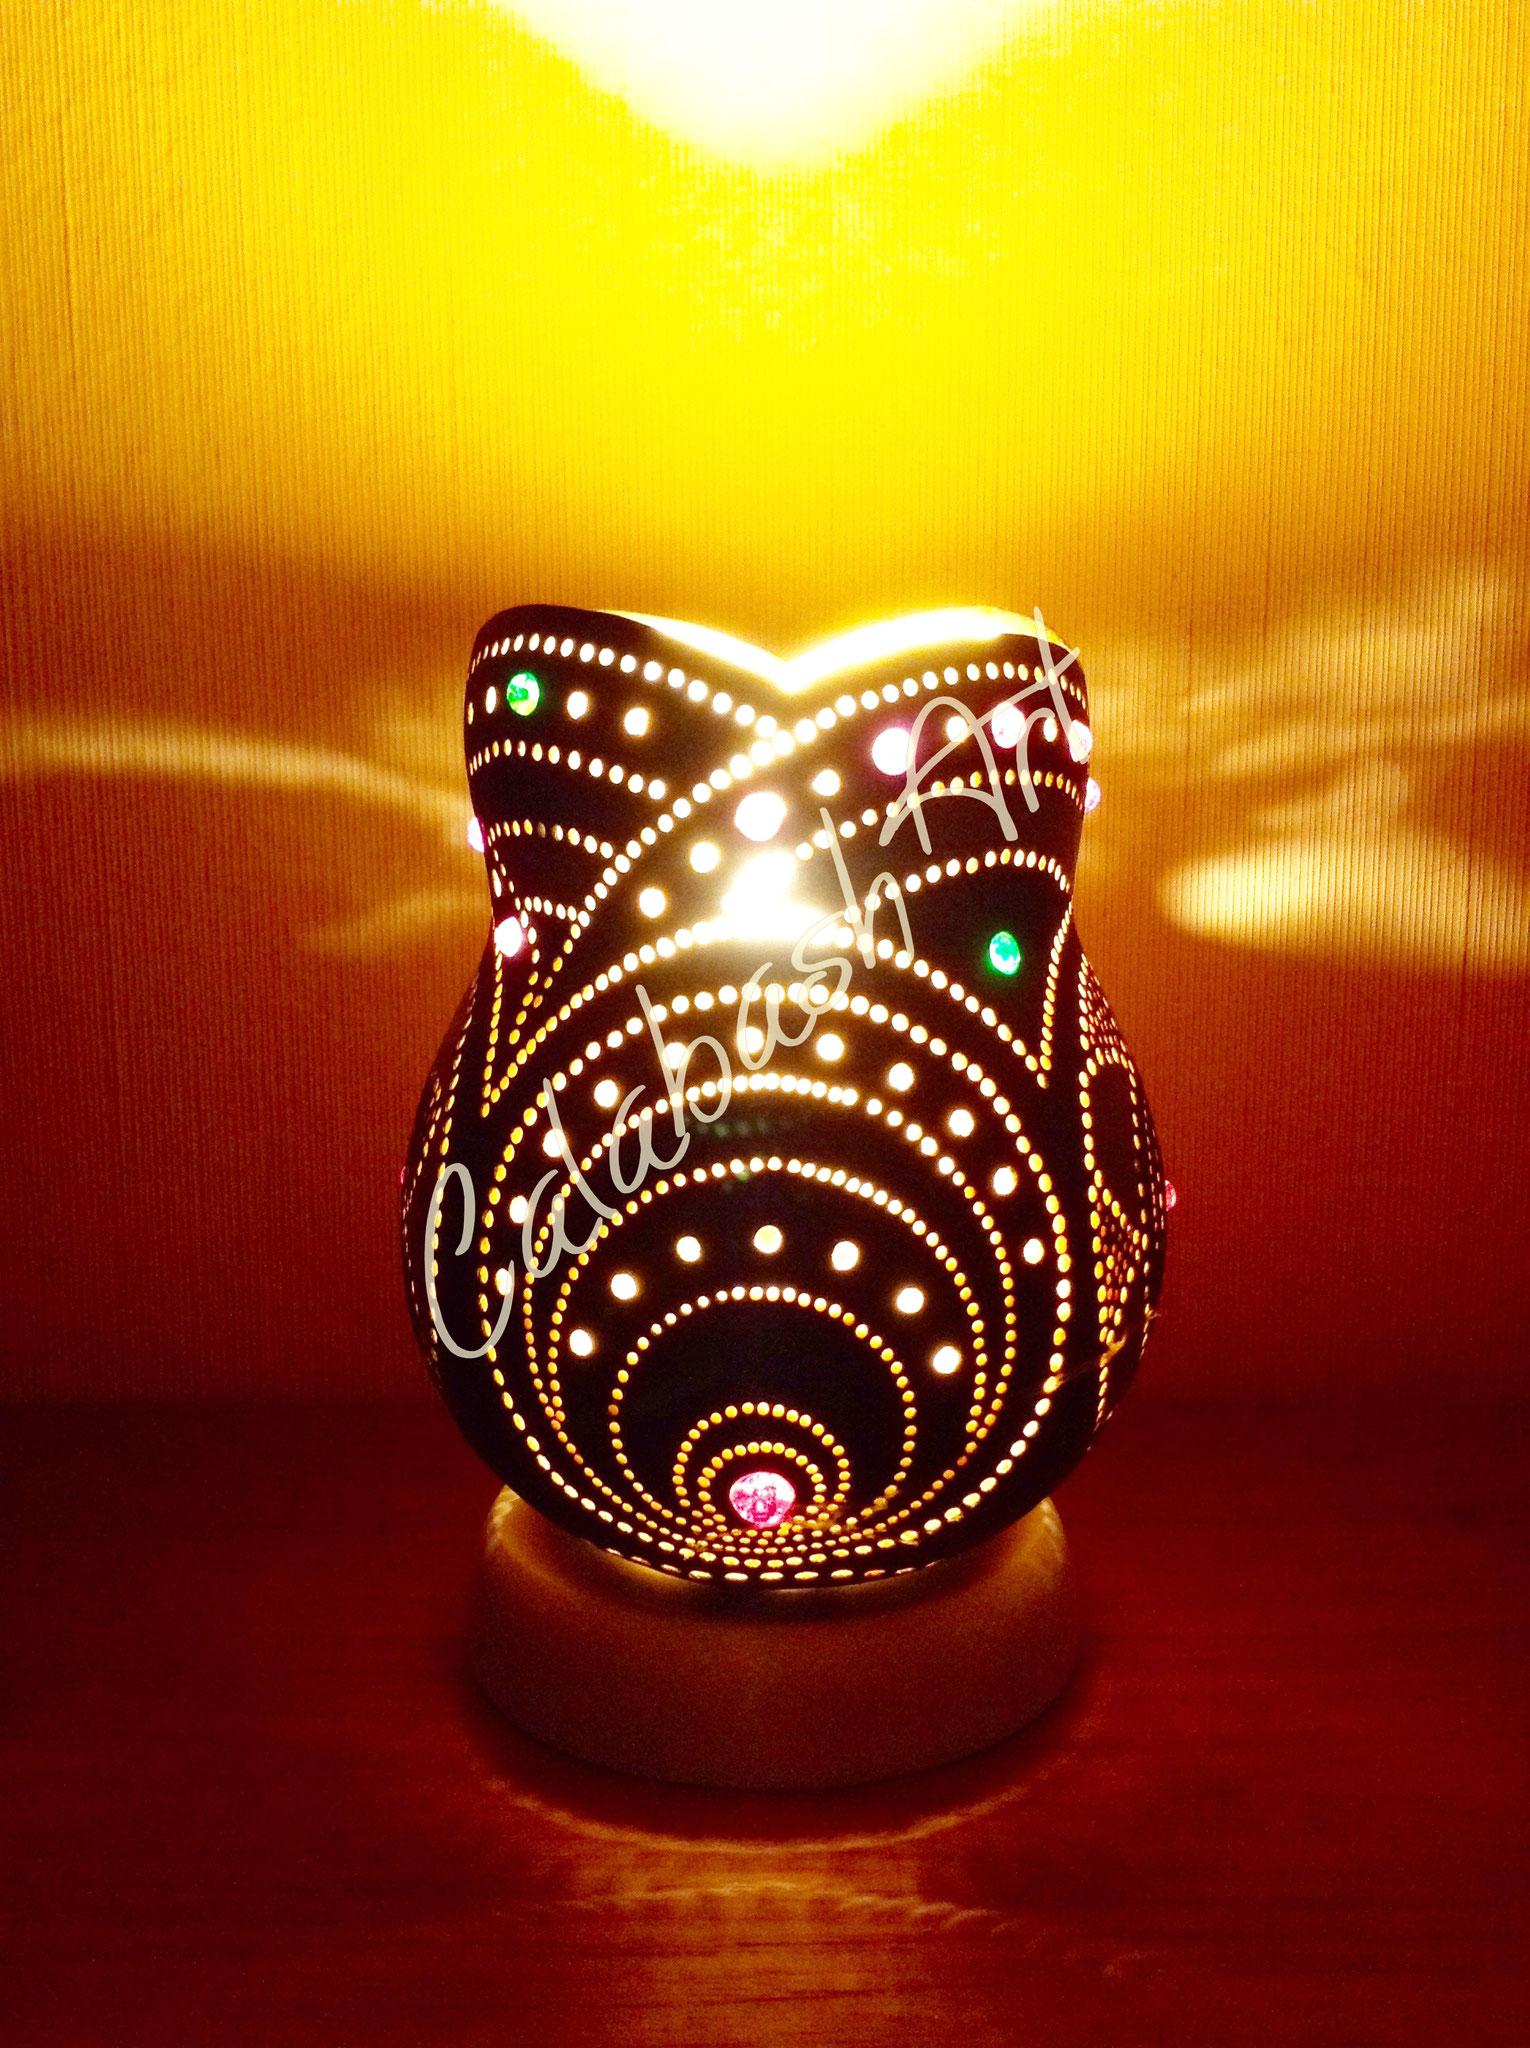 """Tischlampe, Kalebasse """"Blüten und Kreise"""" beleuchtet 2, CalabashArt"""